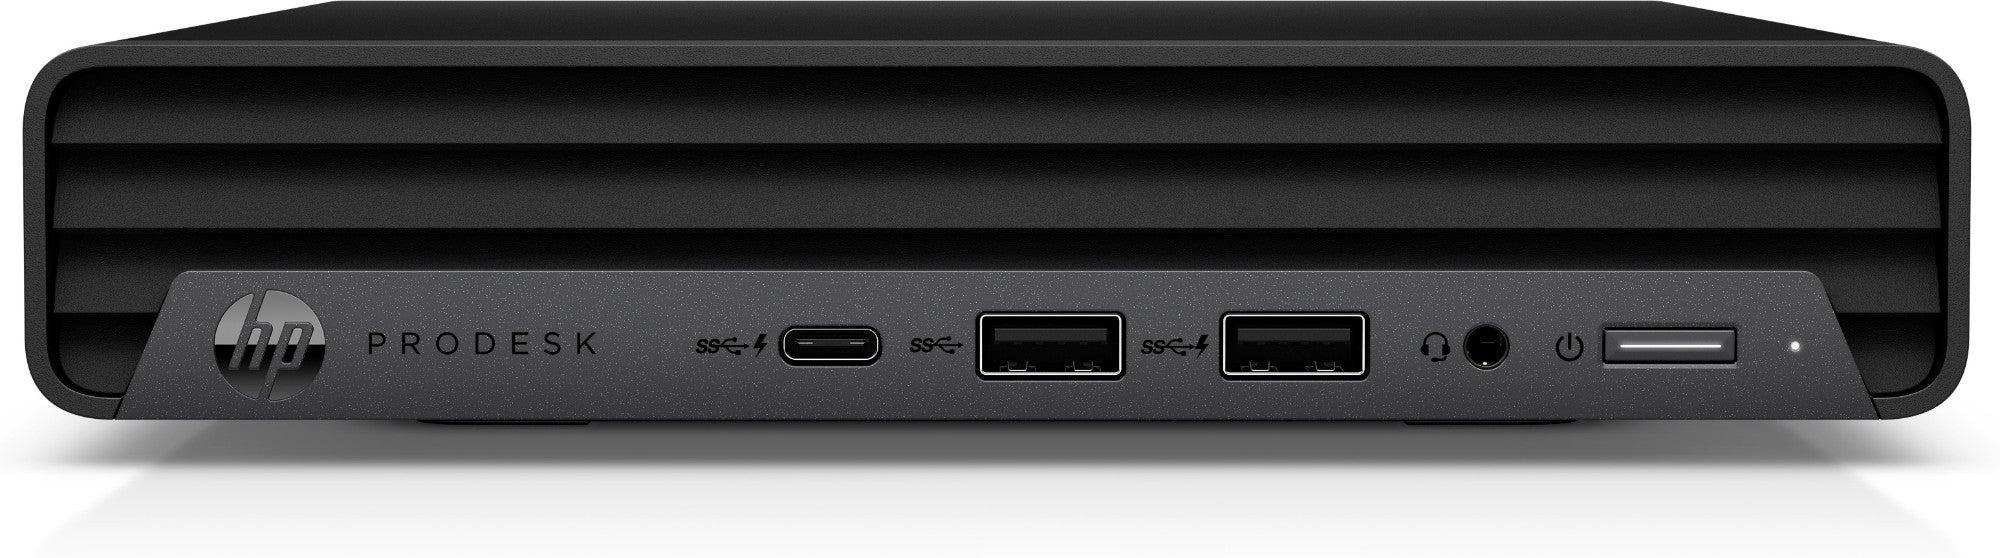 HP ProDesk G6 Mini DDR4-SDRAM i3-10100T mini PC 10th gen Intel(R) Core(TM) i3 8 GB 256 GB SSD Windows 10 Pro Black